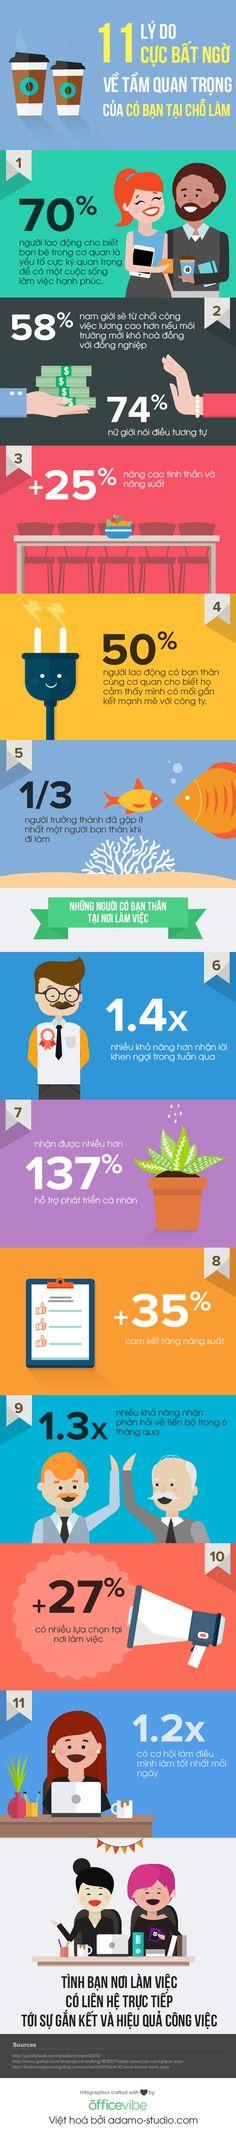 11 lý do cực bất ngờ về tầm quan trọng kết bạn tại nơi làm việc [infographic]